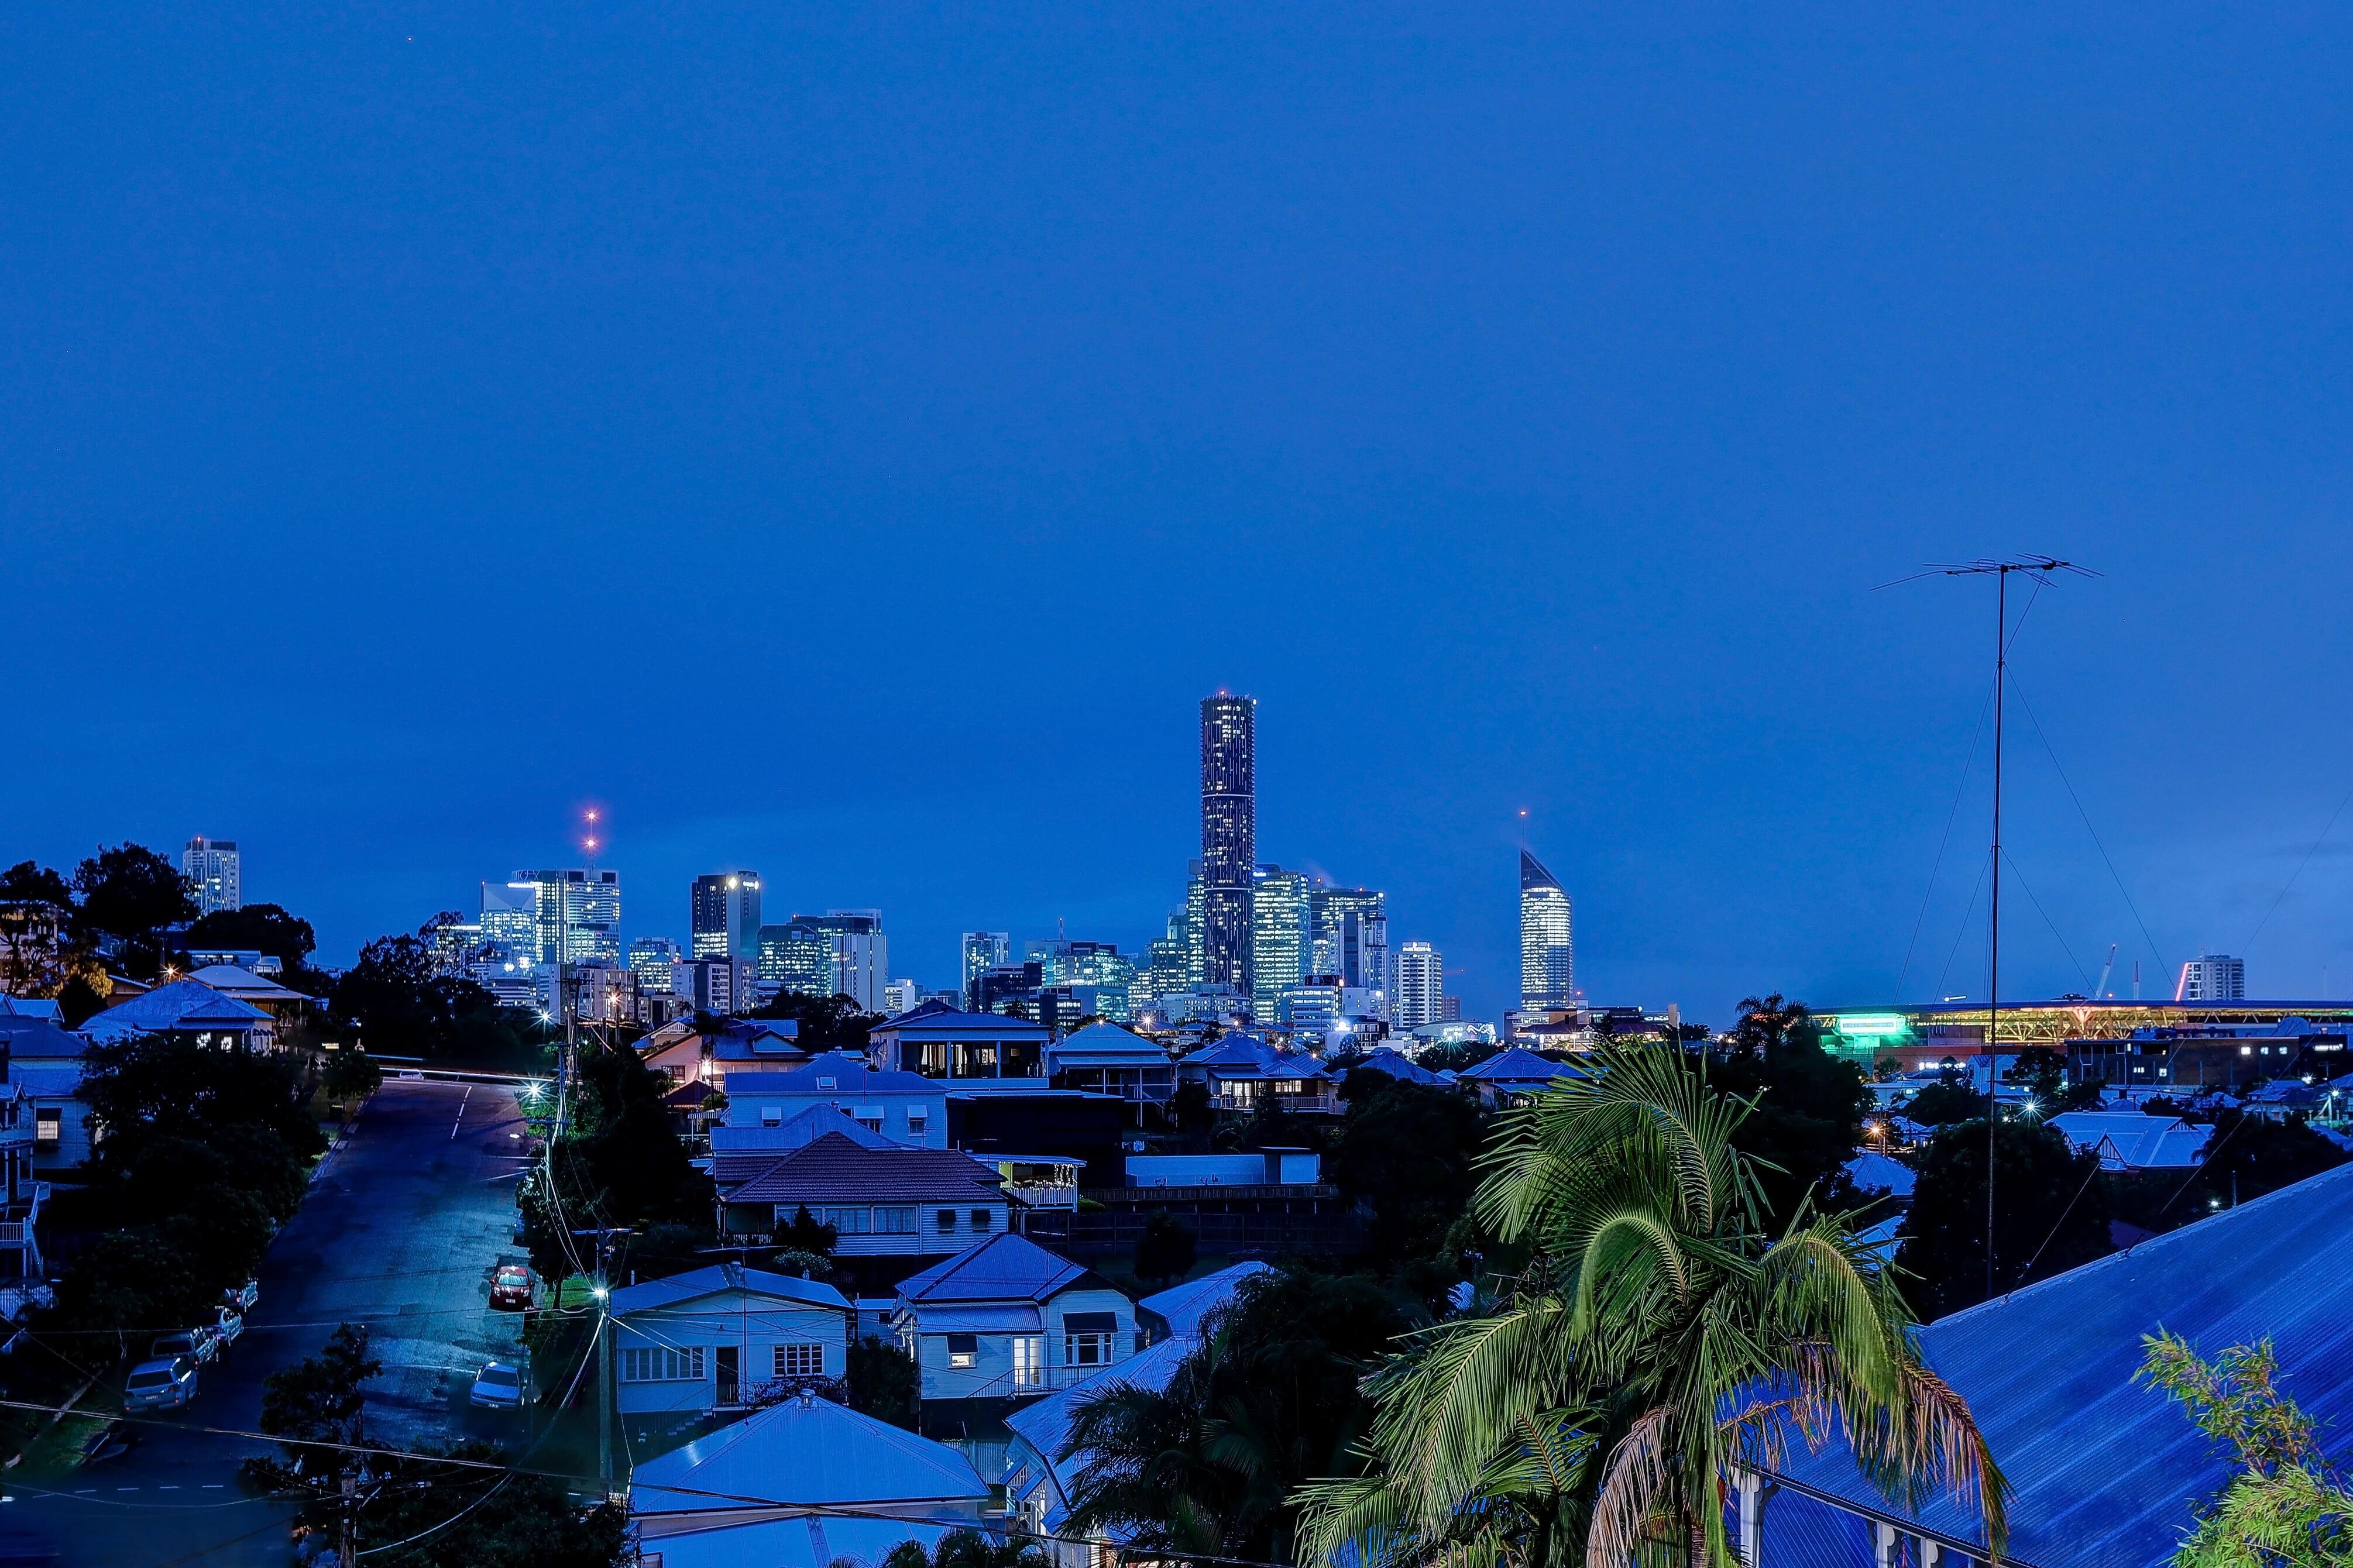 Night time views of city